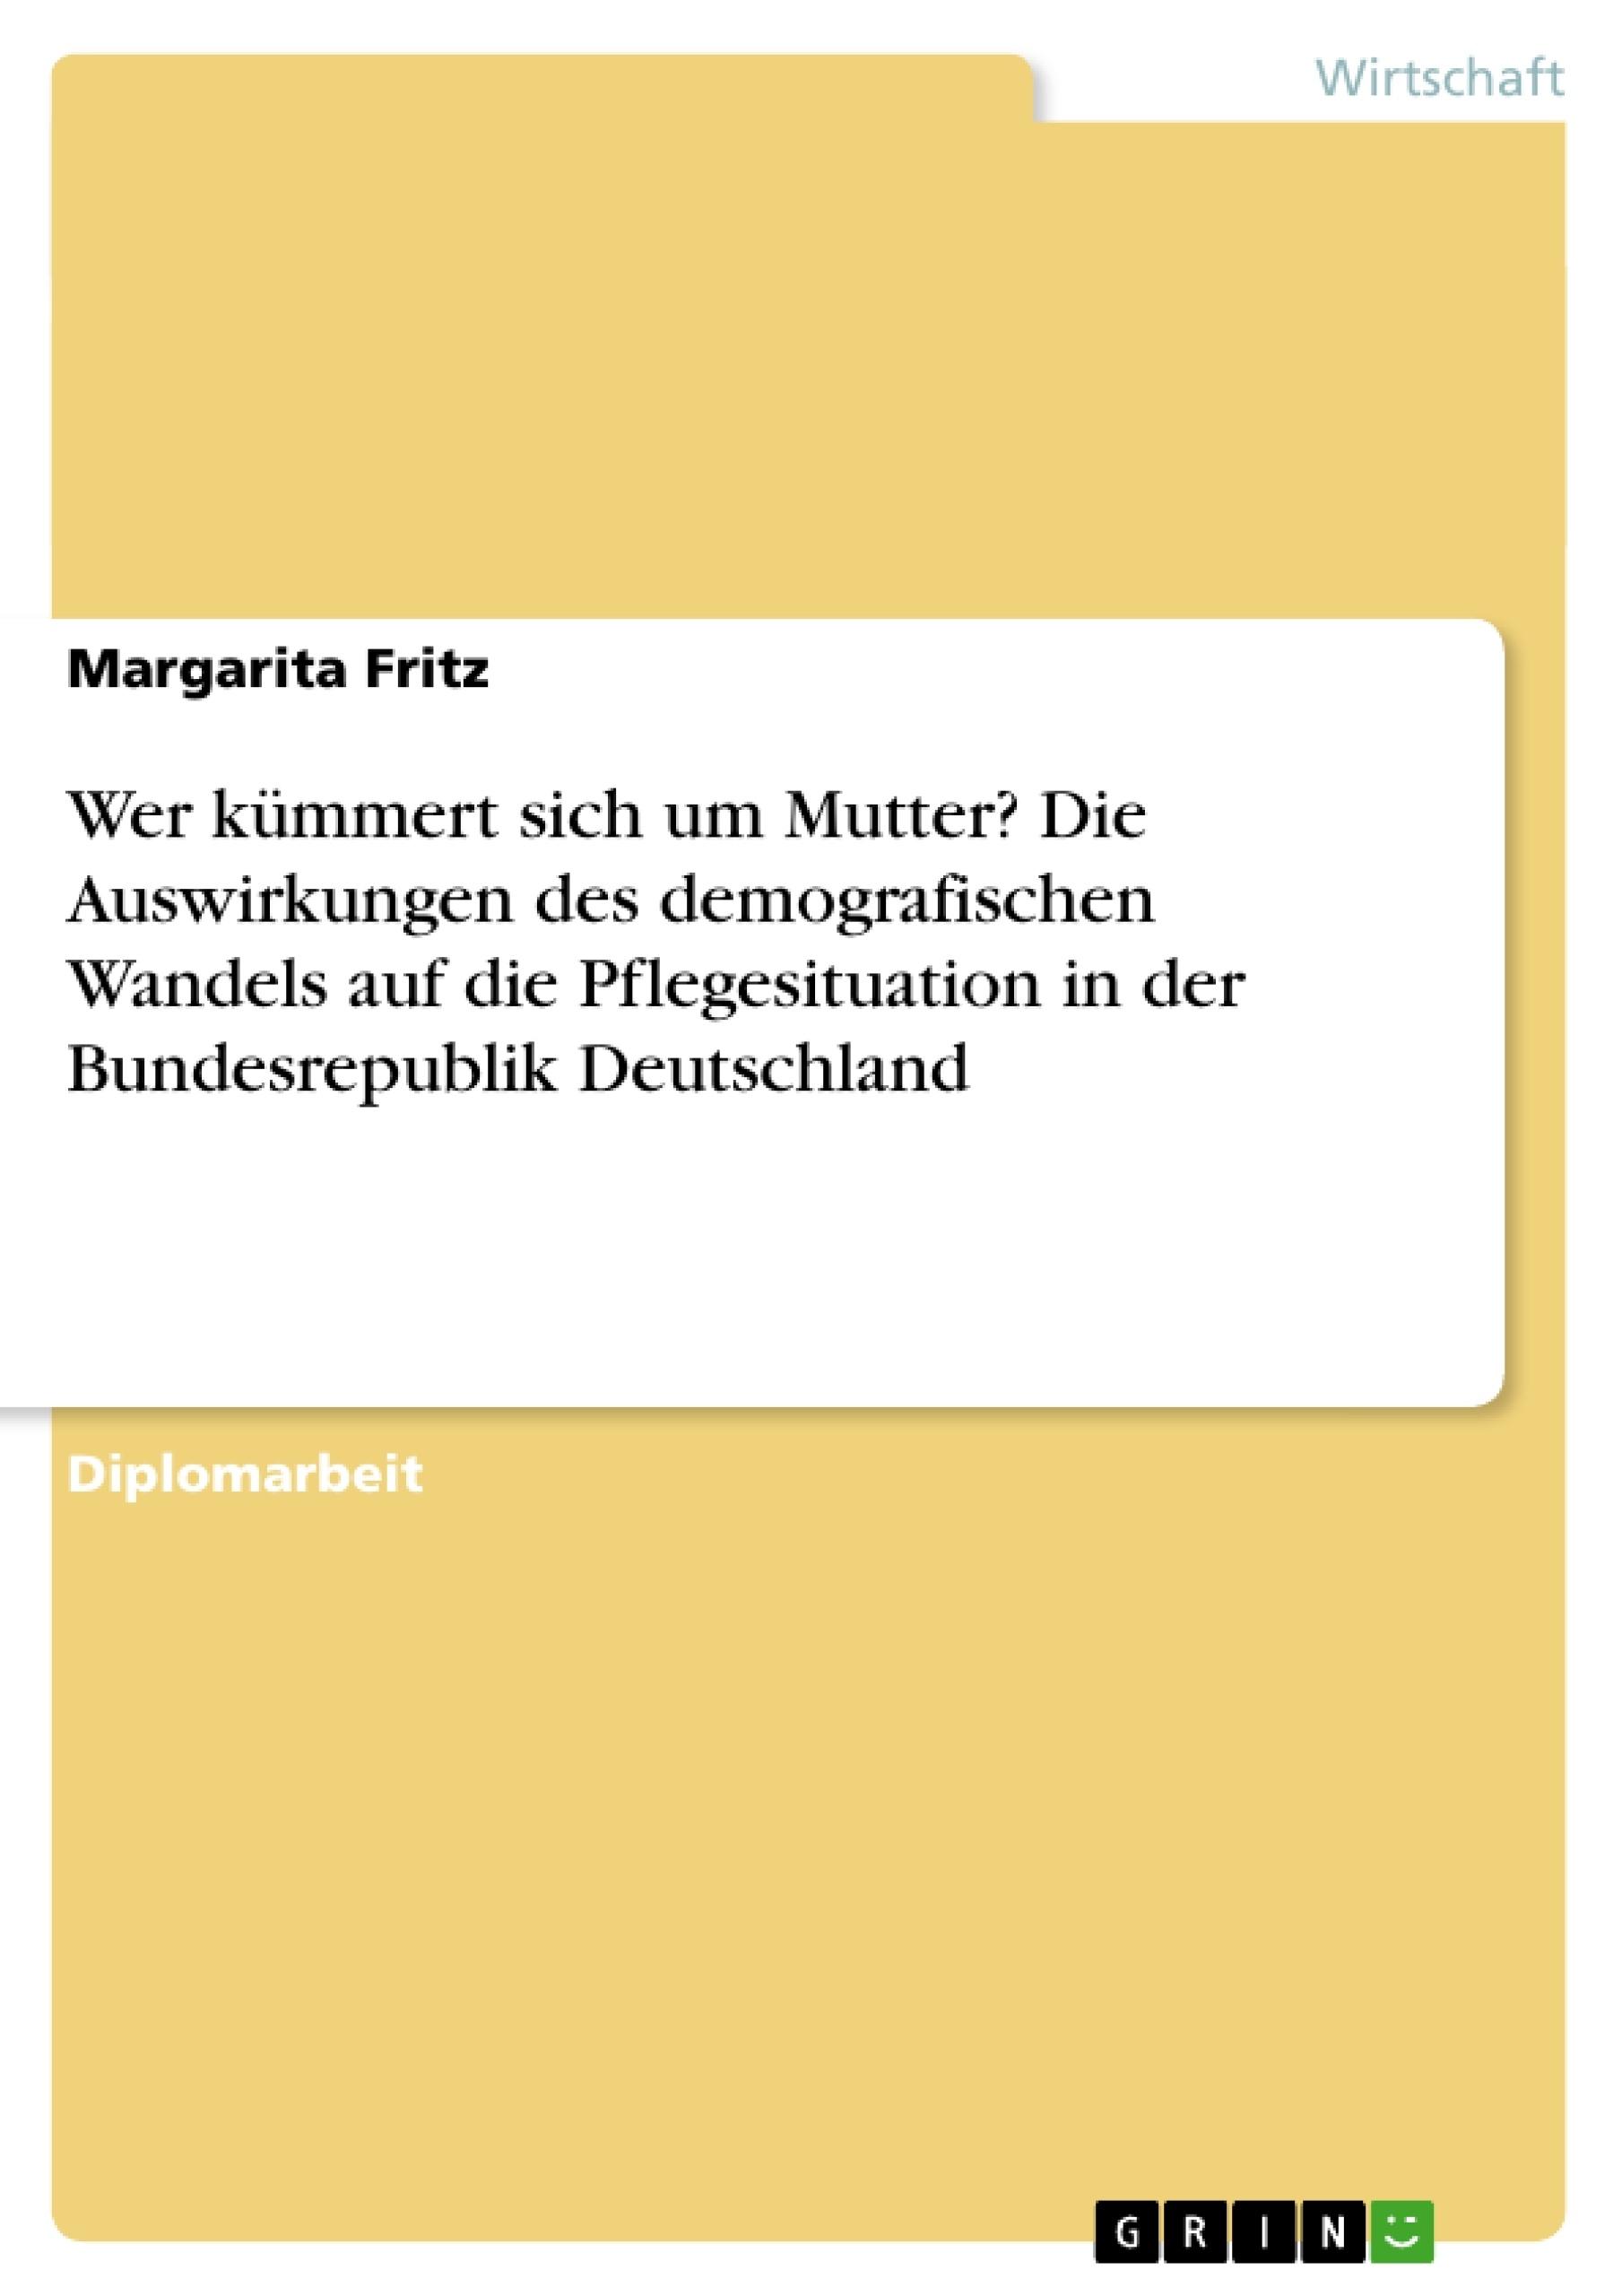 Titel: Wer kümmert sich um Mutter? Die Auswirkungen des demografischen Wandels auf die Pflegesituation in der Bundesrepublik Deutschland